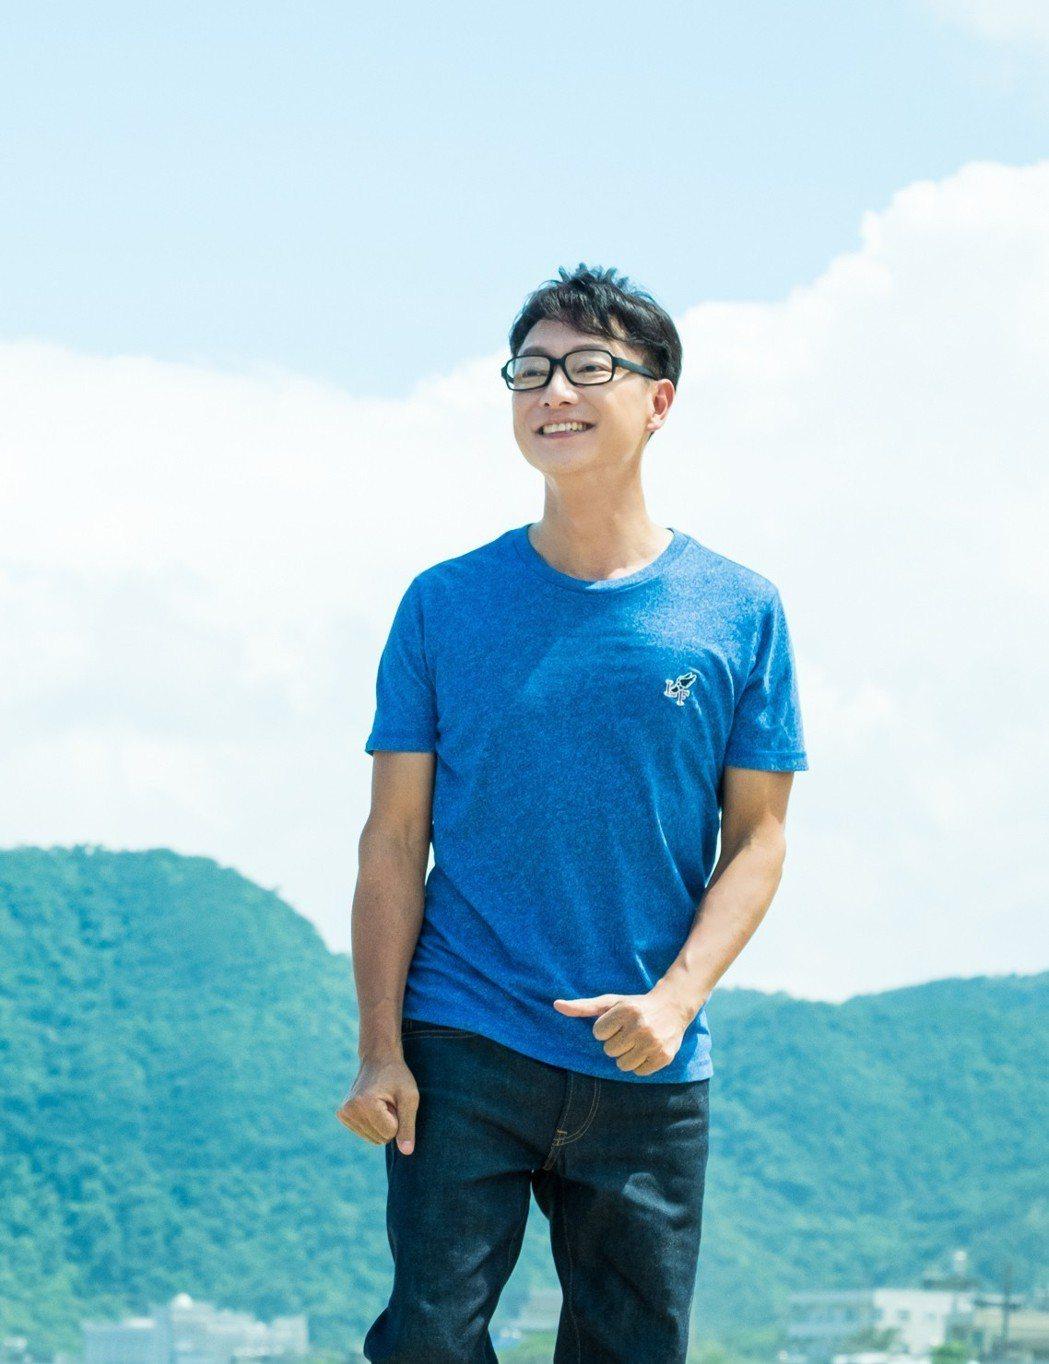 謝祖武劇中裝嫩演出青春期少年。圖/TVBS提供